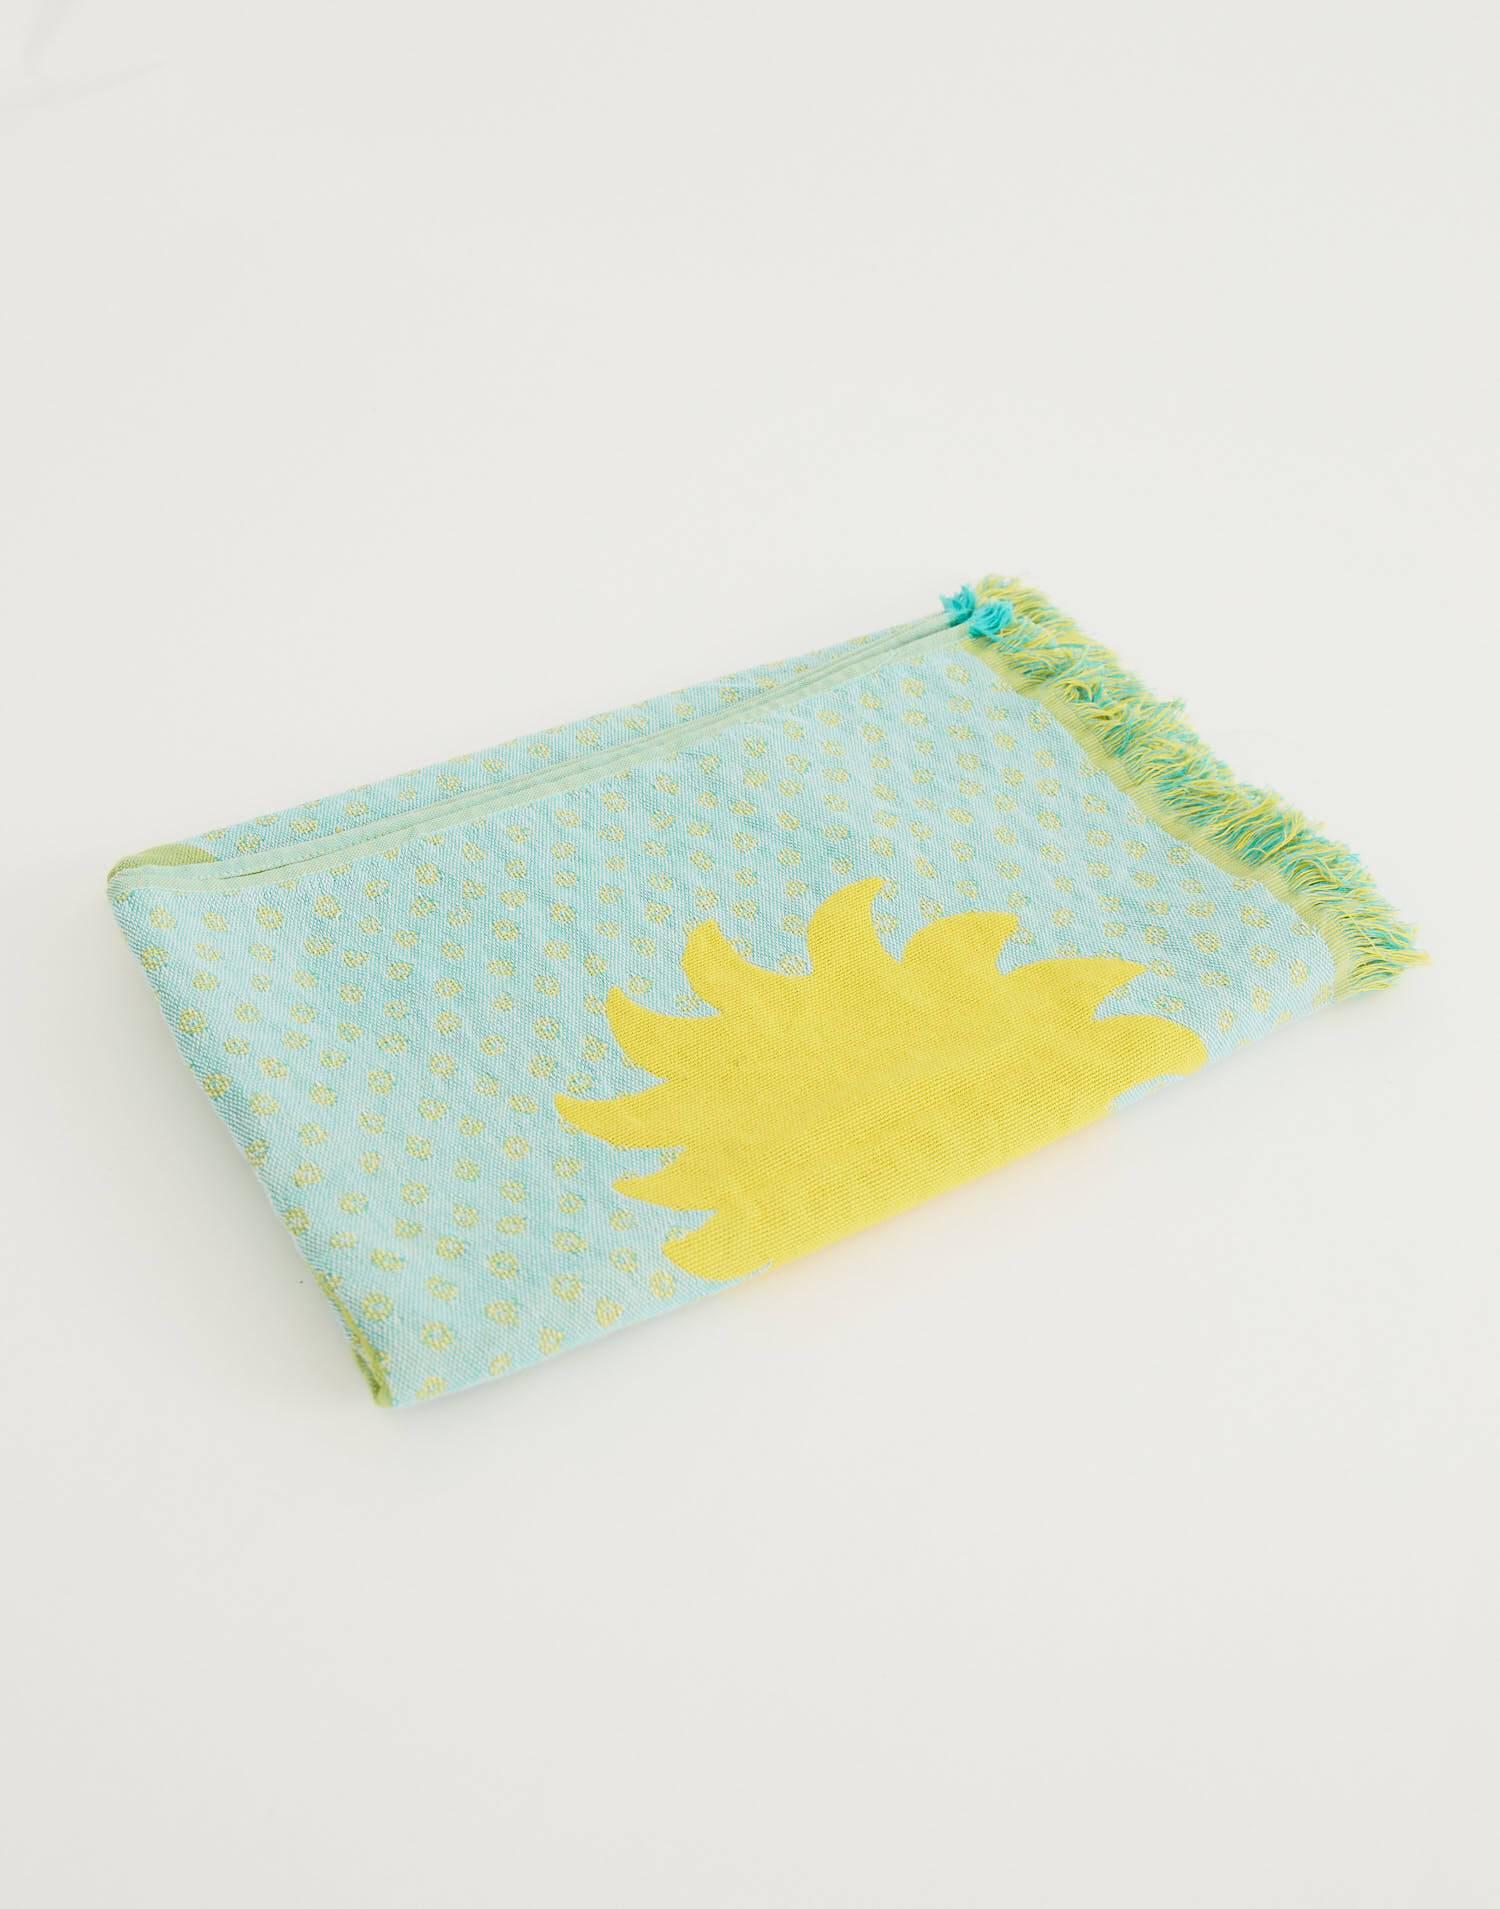 jacquard towel pareo